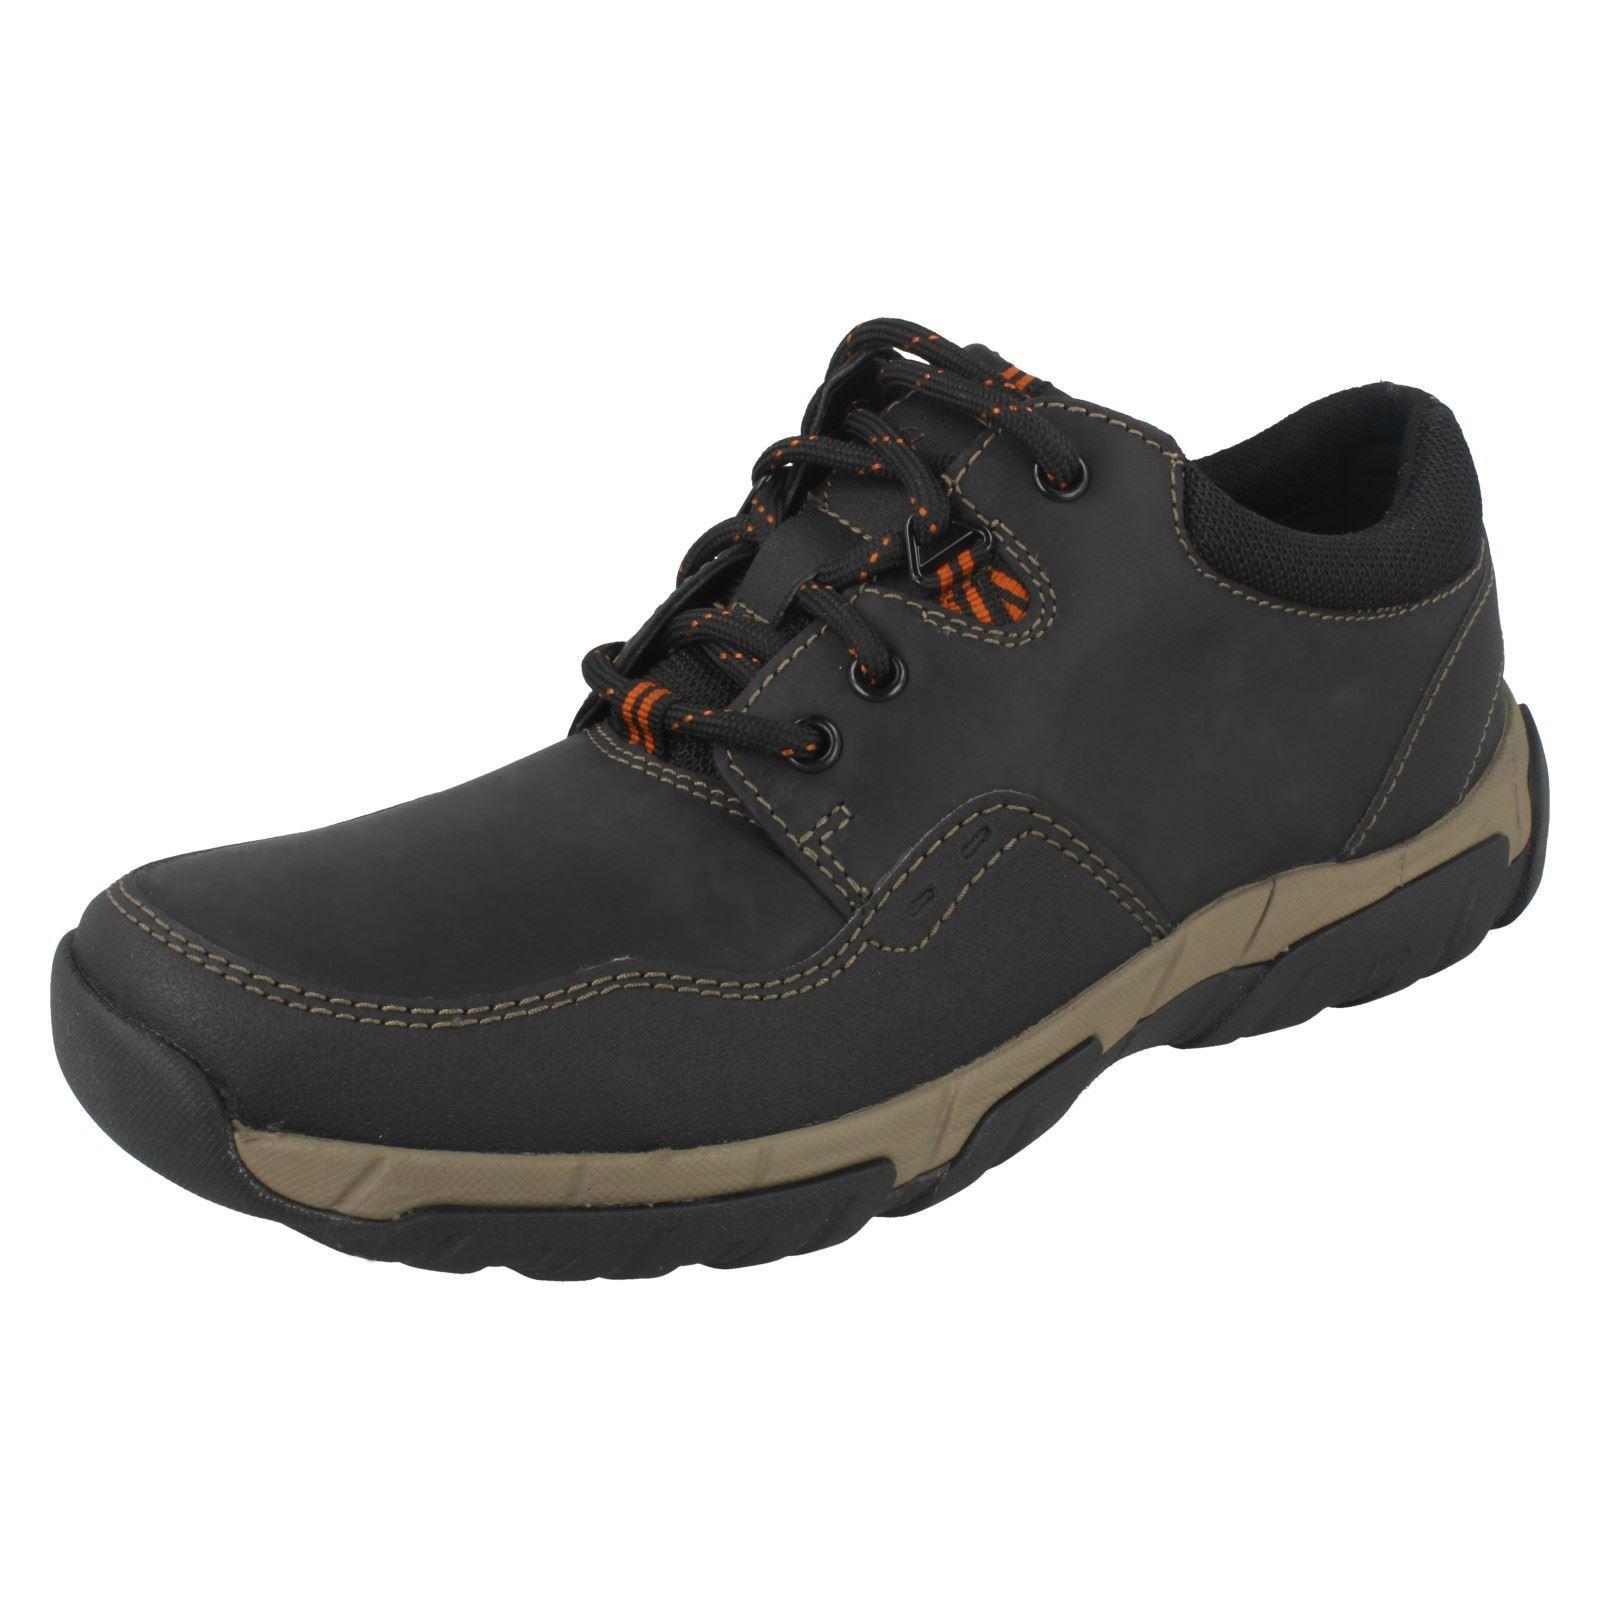 Herren Herren Herren Clarks Waterproof Casual Lace Up Schuhes Style - Walbeck Edge II 15b057